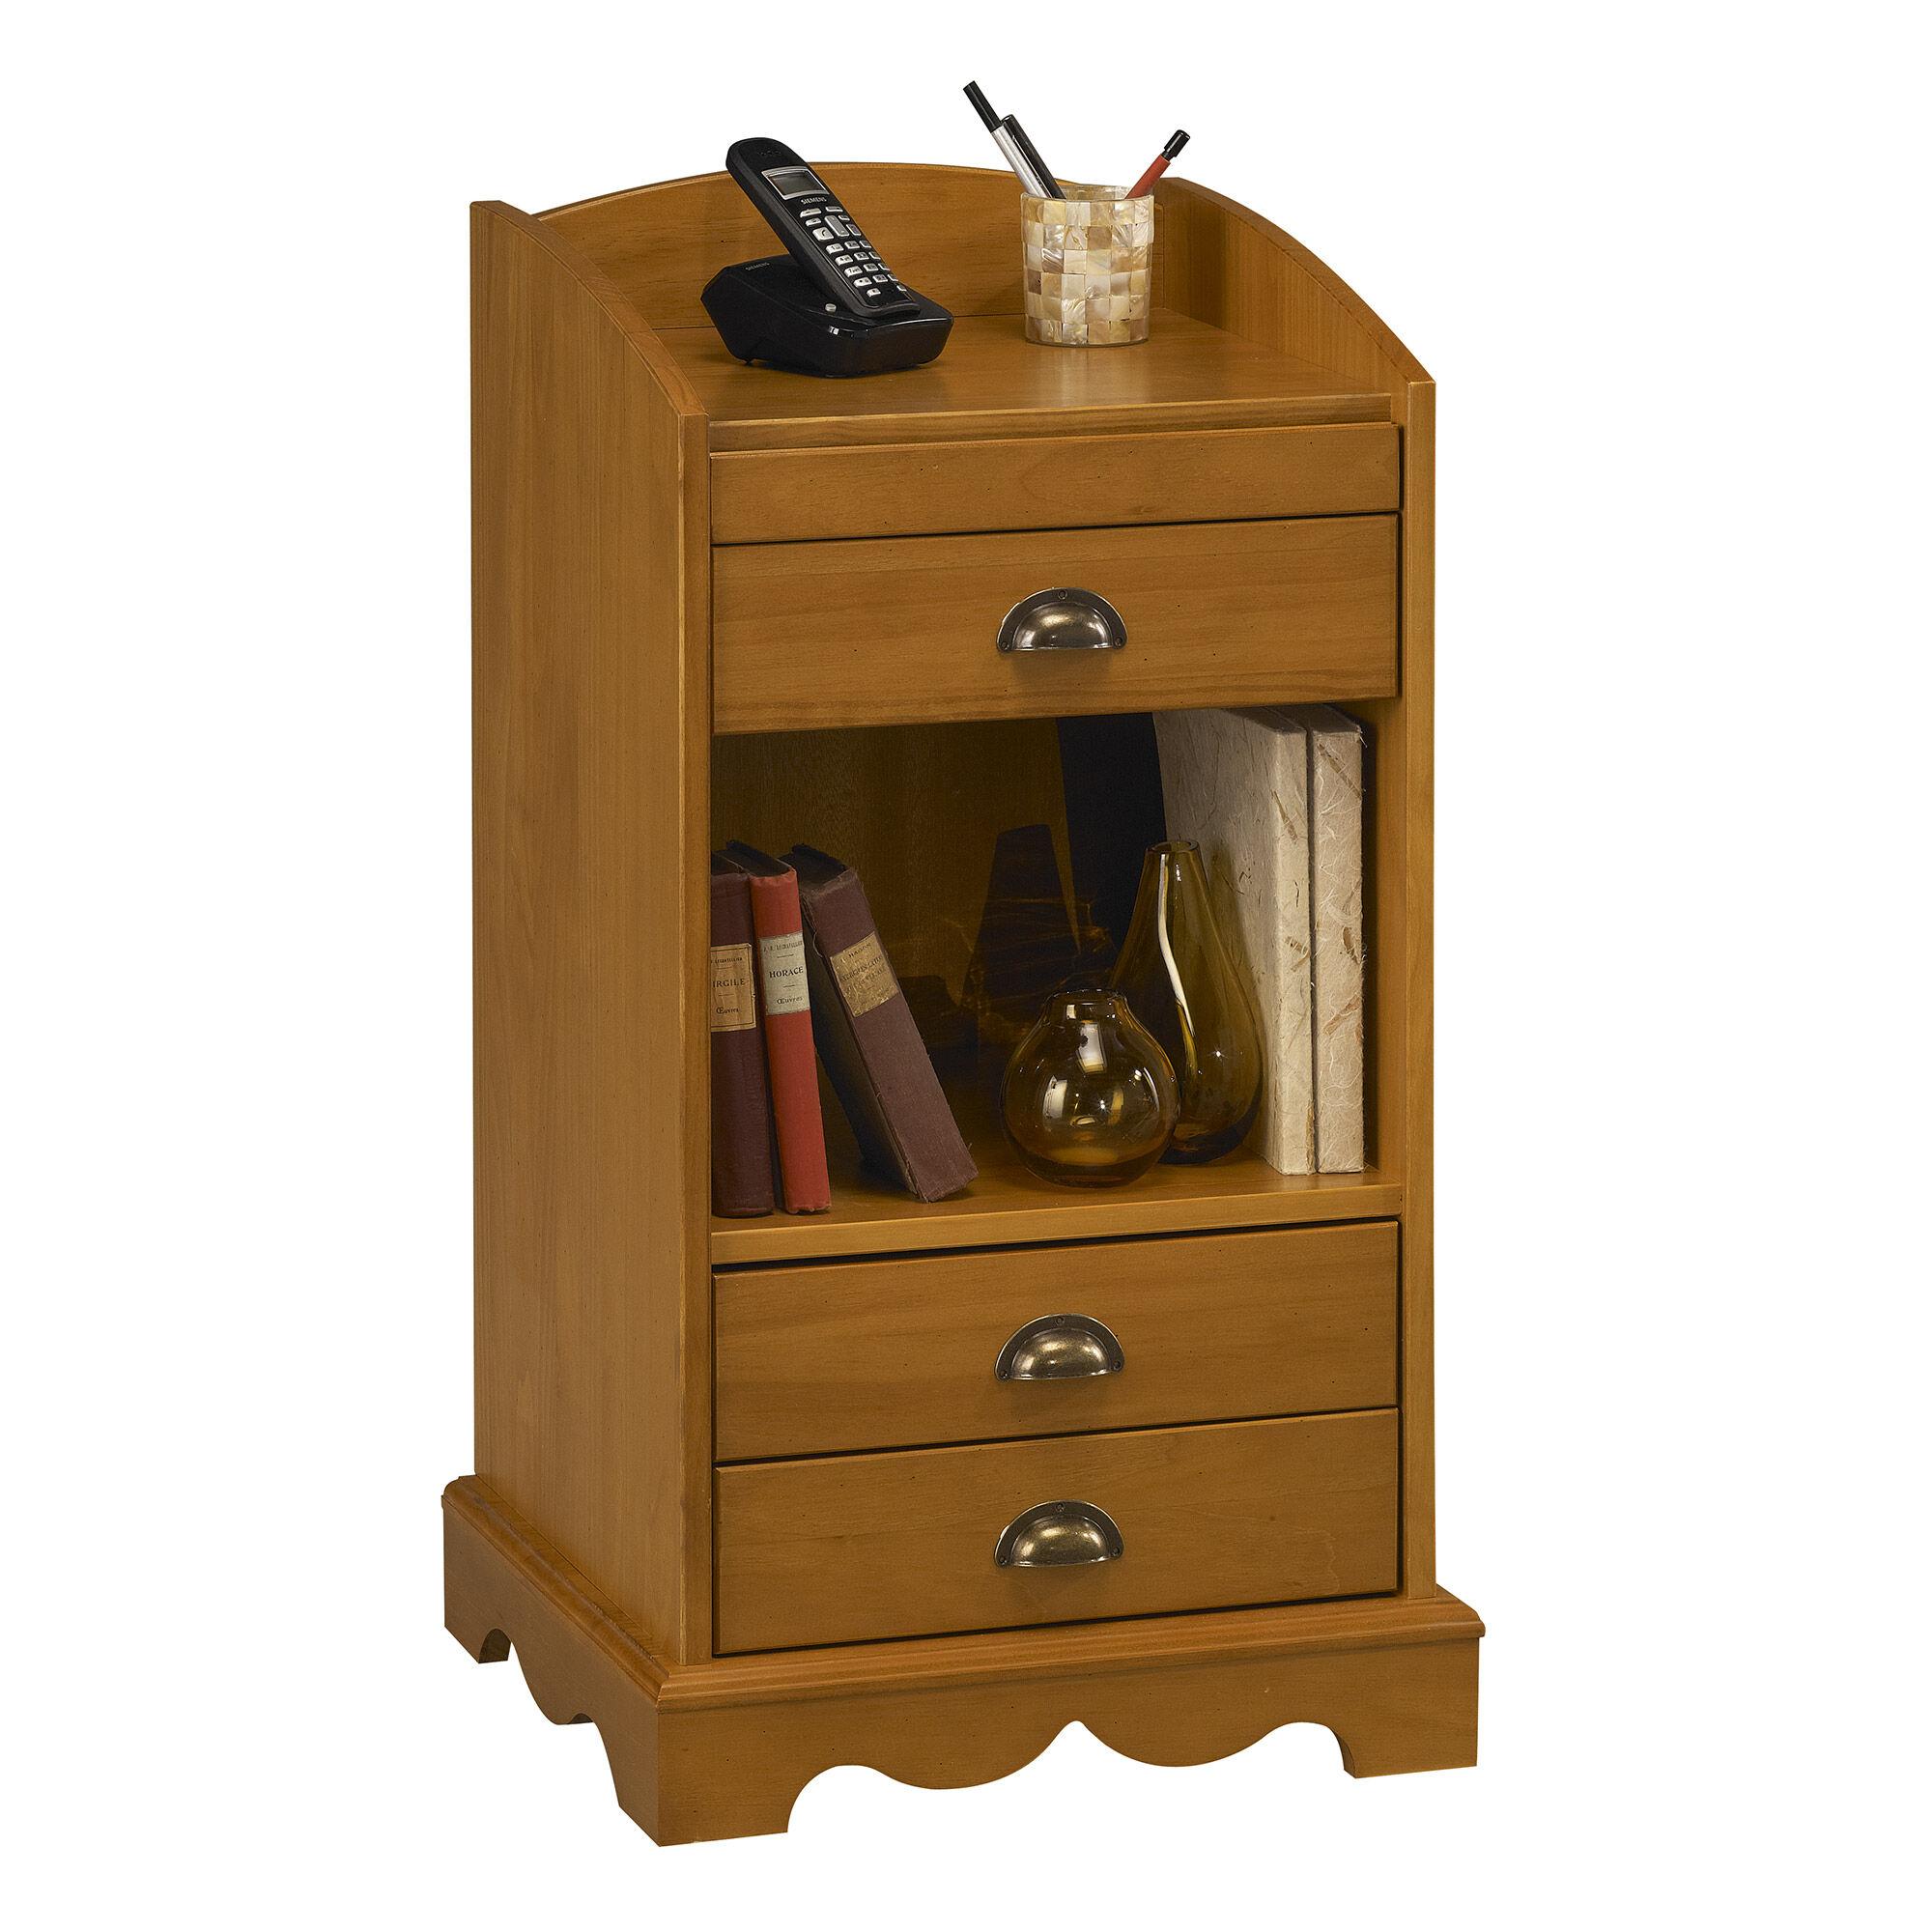 Meuble d'entrée ou meuble pour téléphone en pin miel - AUTHENTIC PIN MIEL